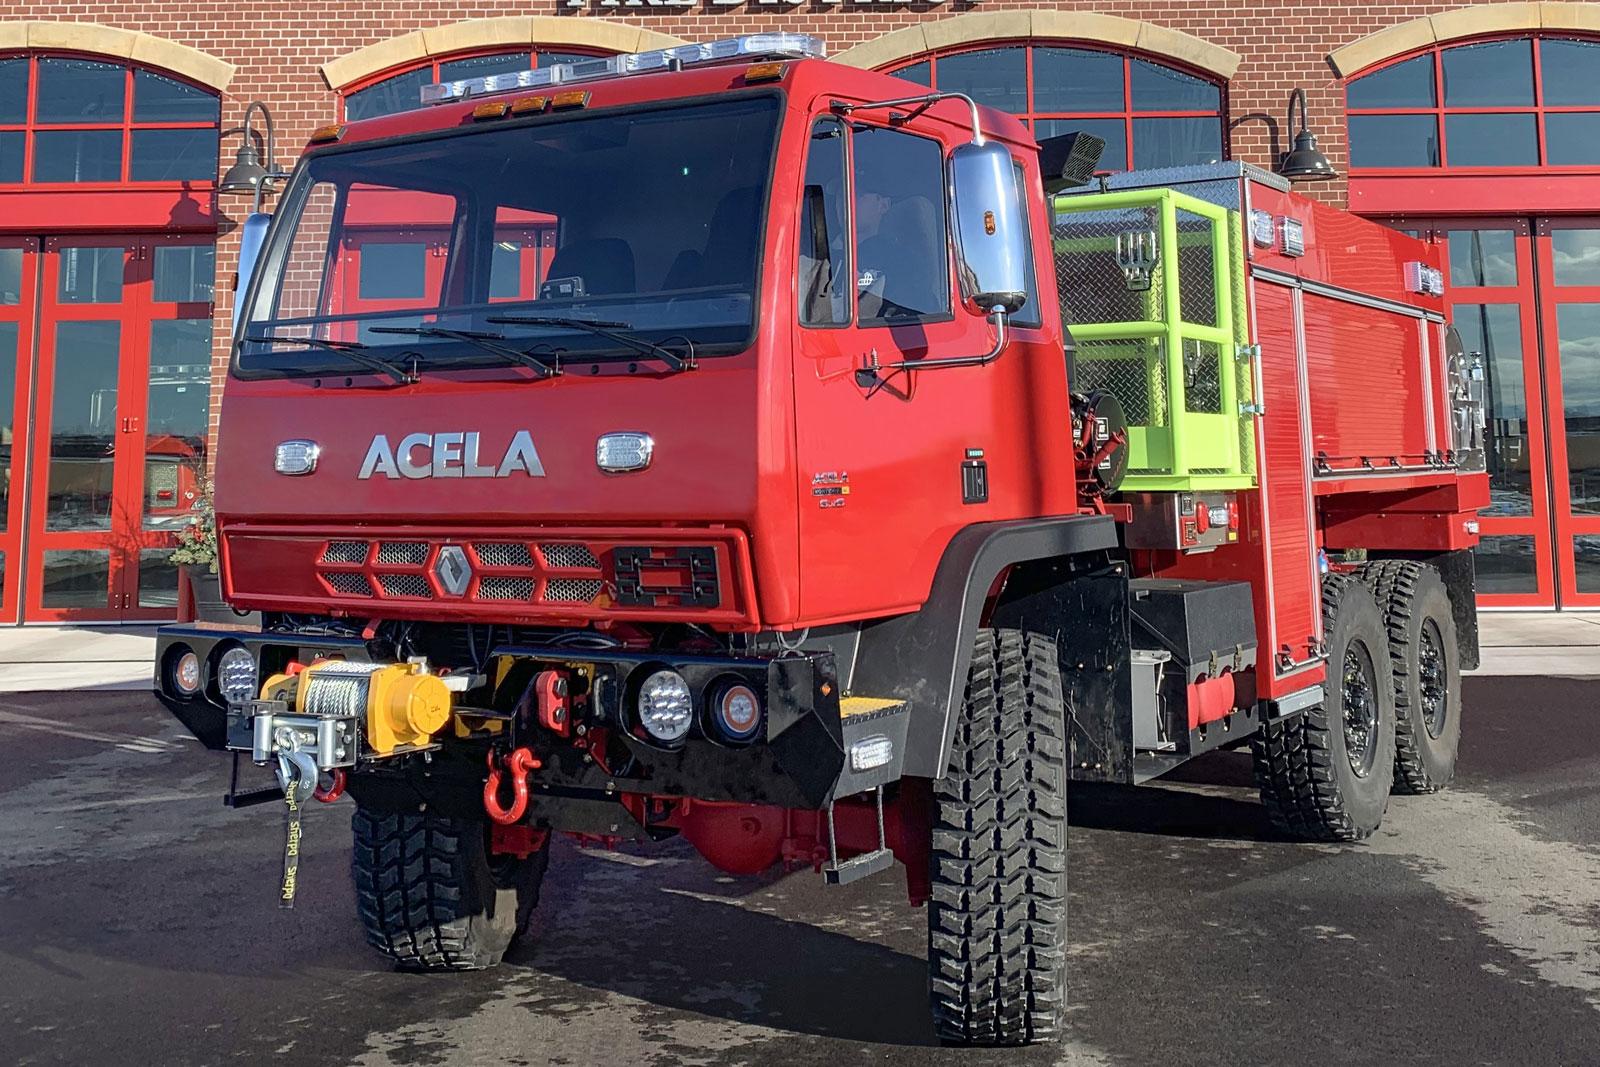 Acela WUI fire truck